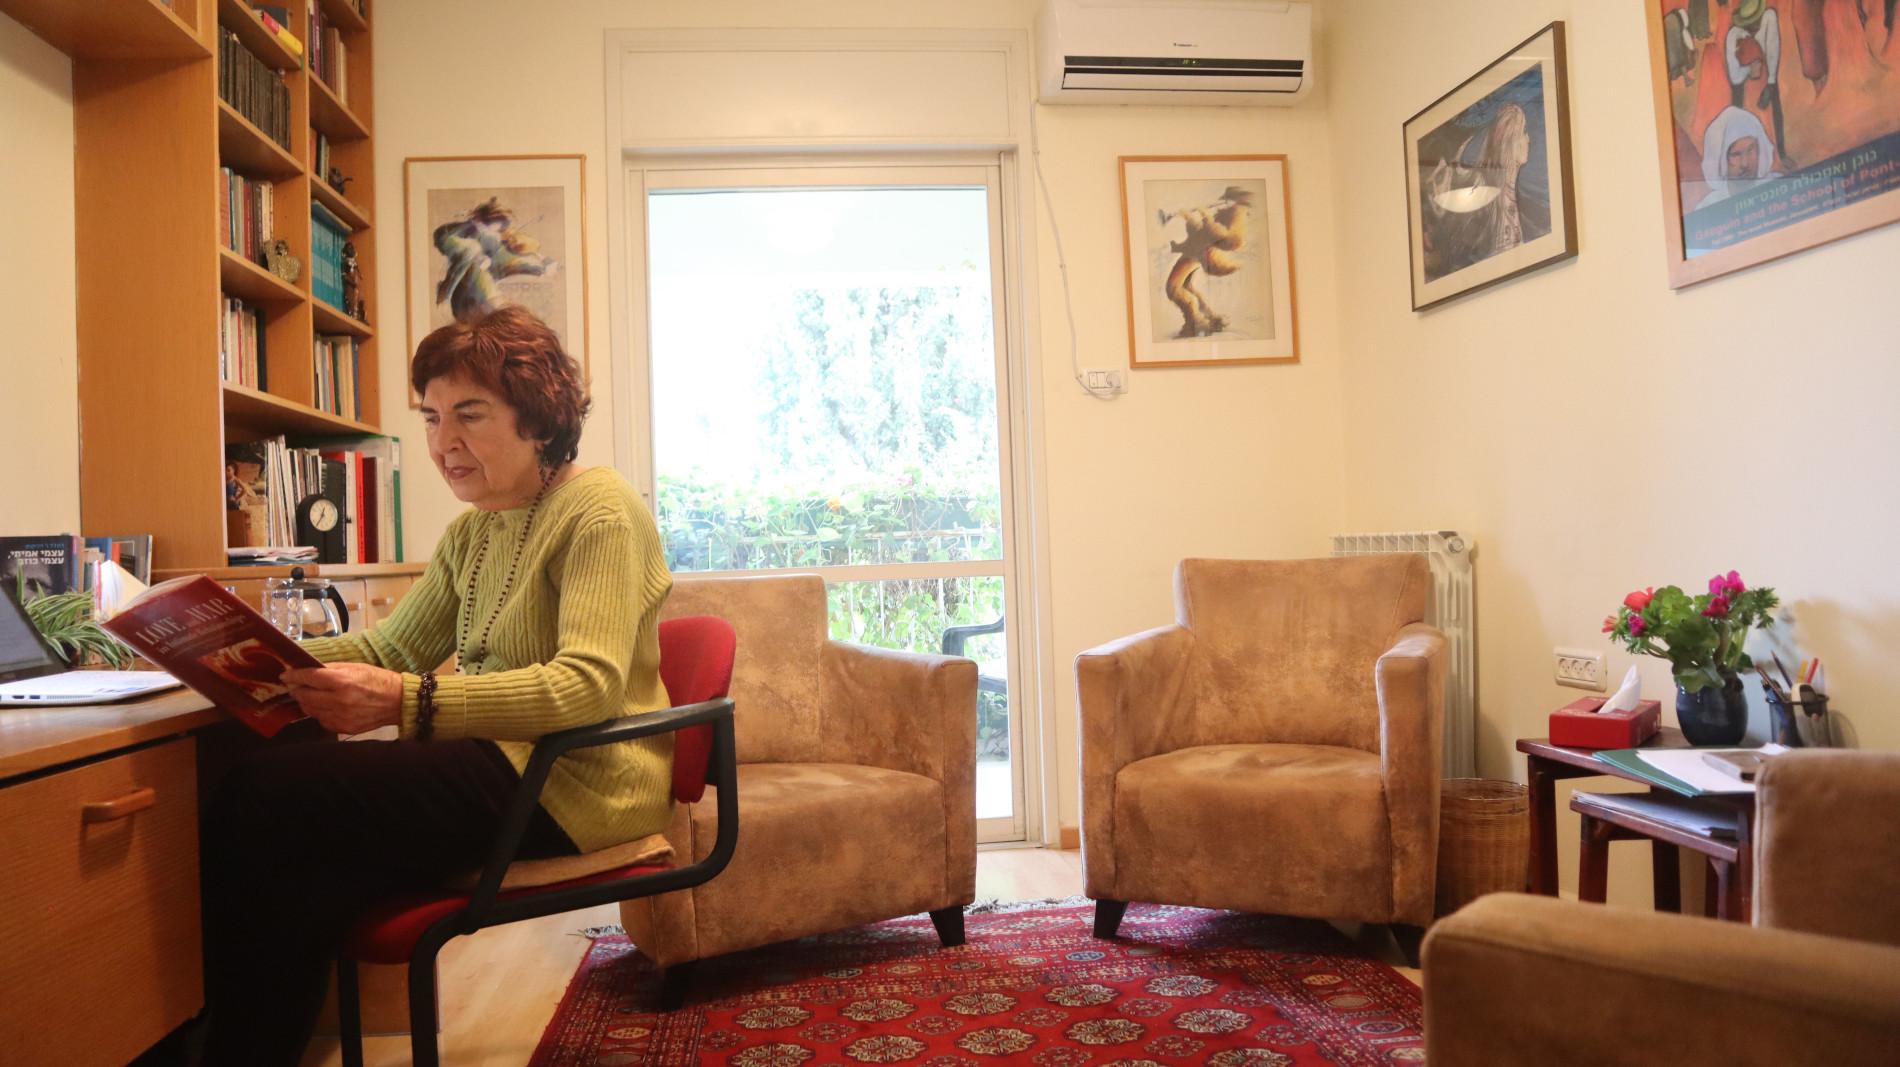 דורית נוי-שרב: חדר משלה ומשלו